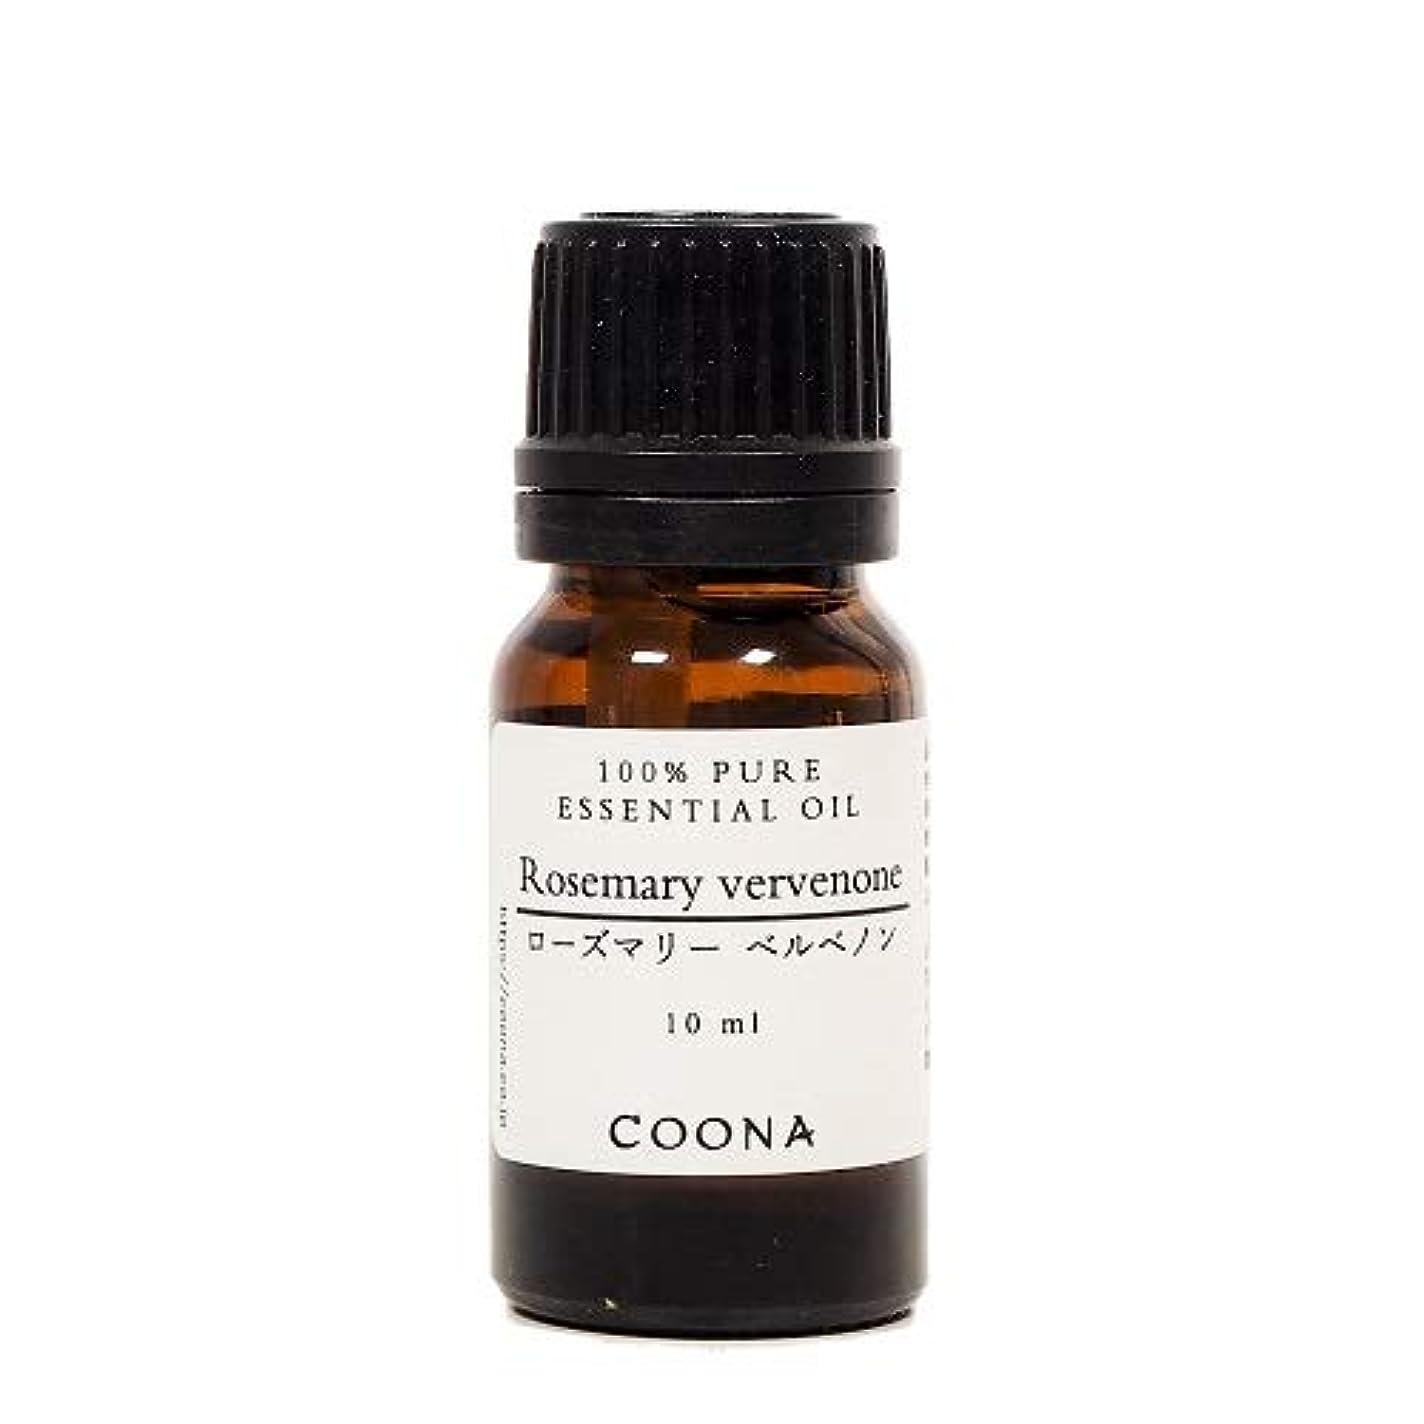 爪スペイン鎖ローズマリー ベルベノン 10 ml (COONA エッセンシャルオイル アロマオイル 100%天然植物精油)